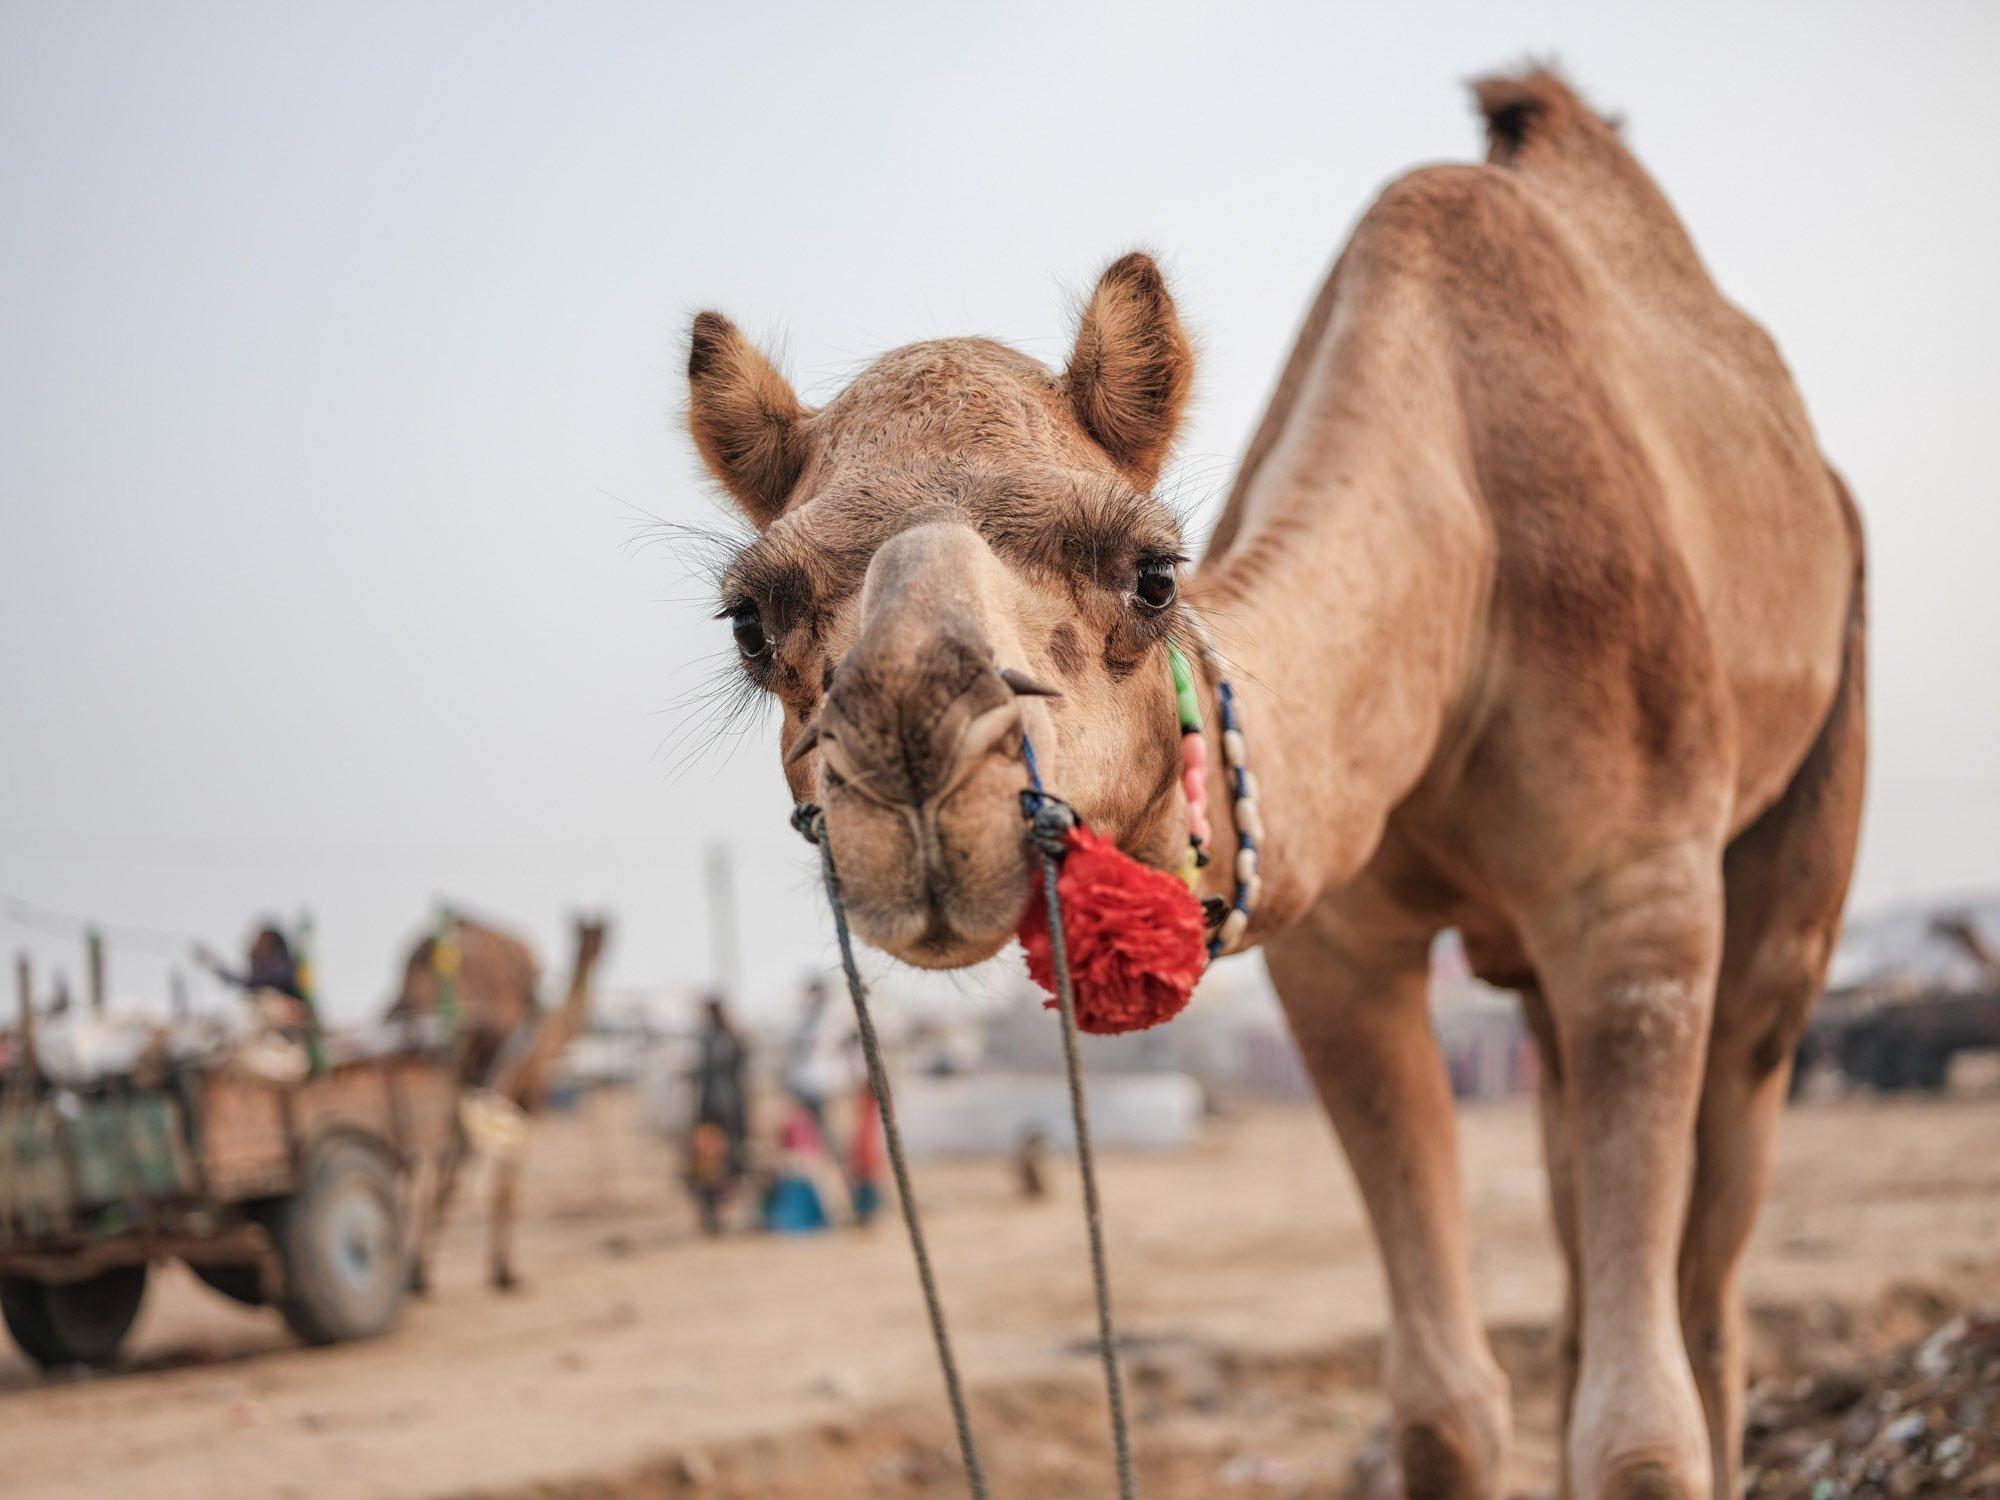 Pushkar Travel Documentary Photography India Jose Jeuland-4